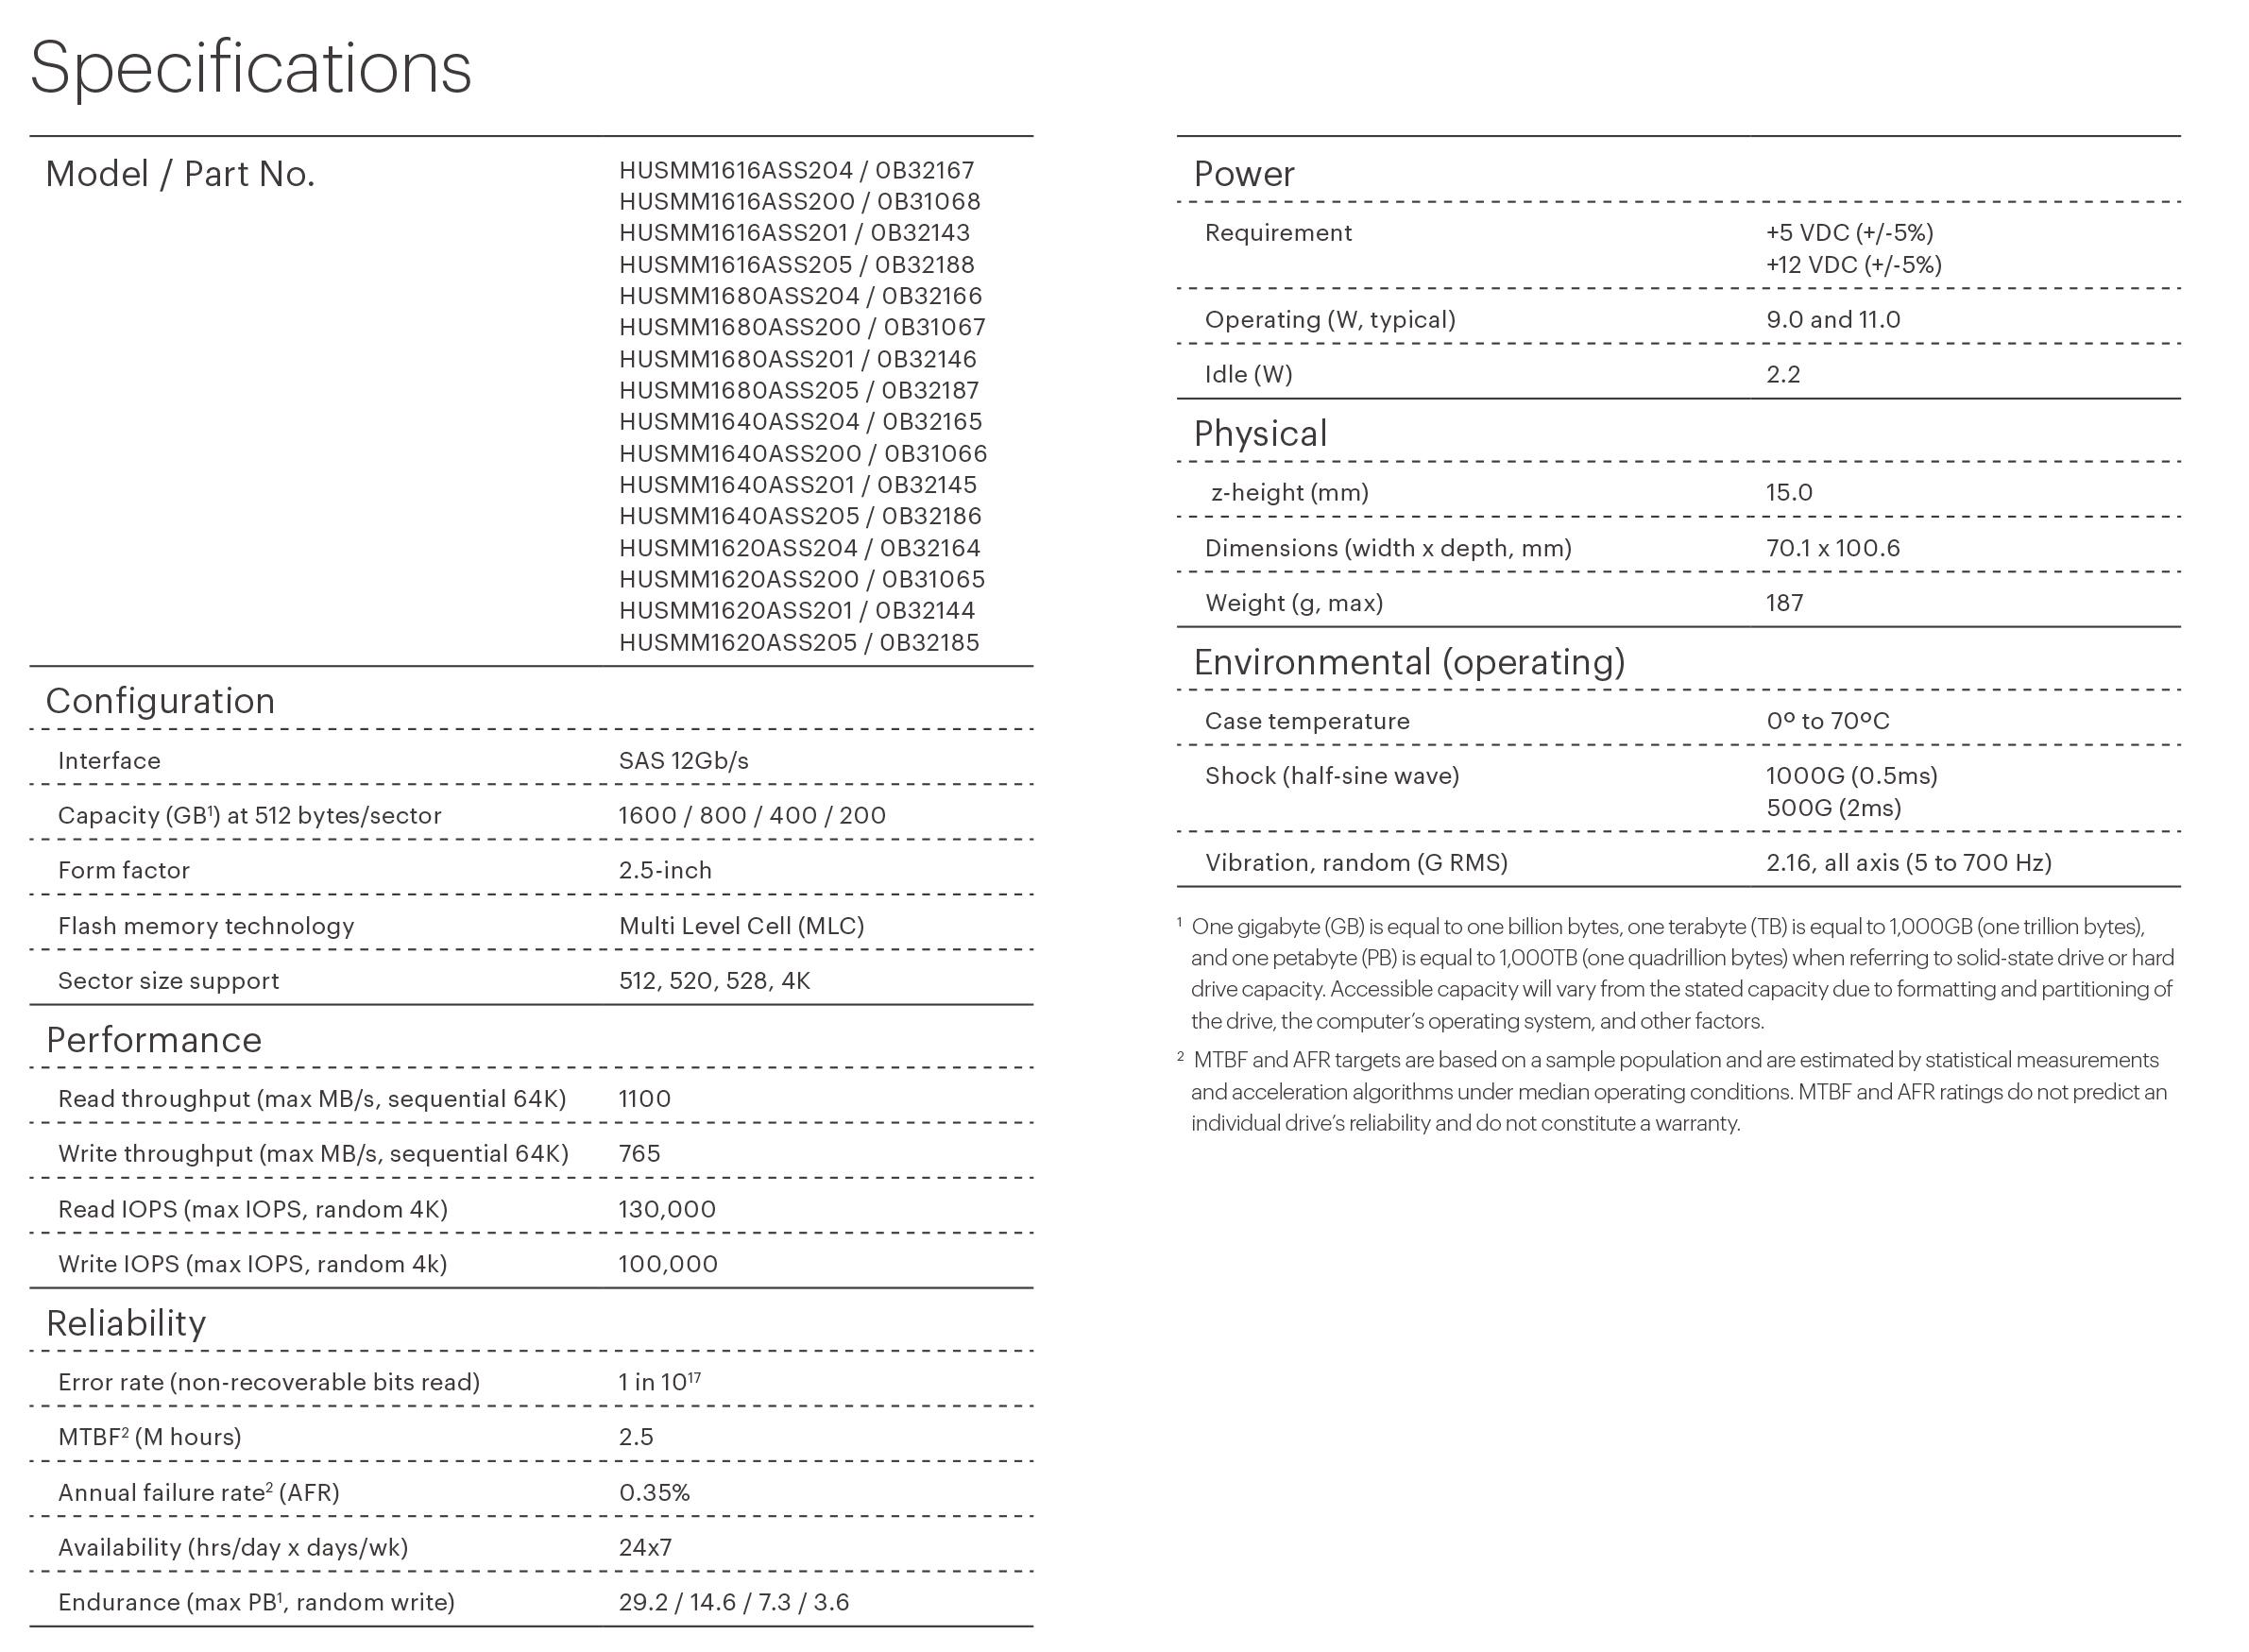 HGST  HUSMM1620ASS200 HGST ultrastar SSD 1600MM  200G 10DWD SAS SSD 高耐写性